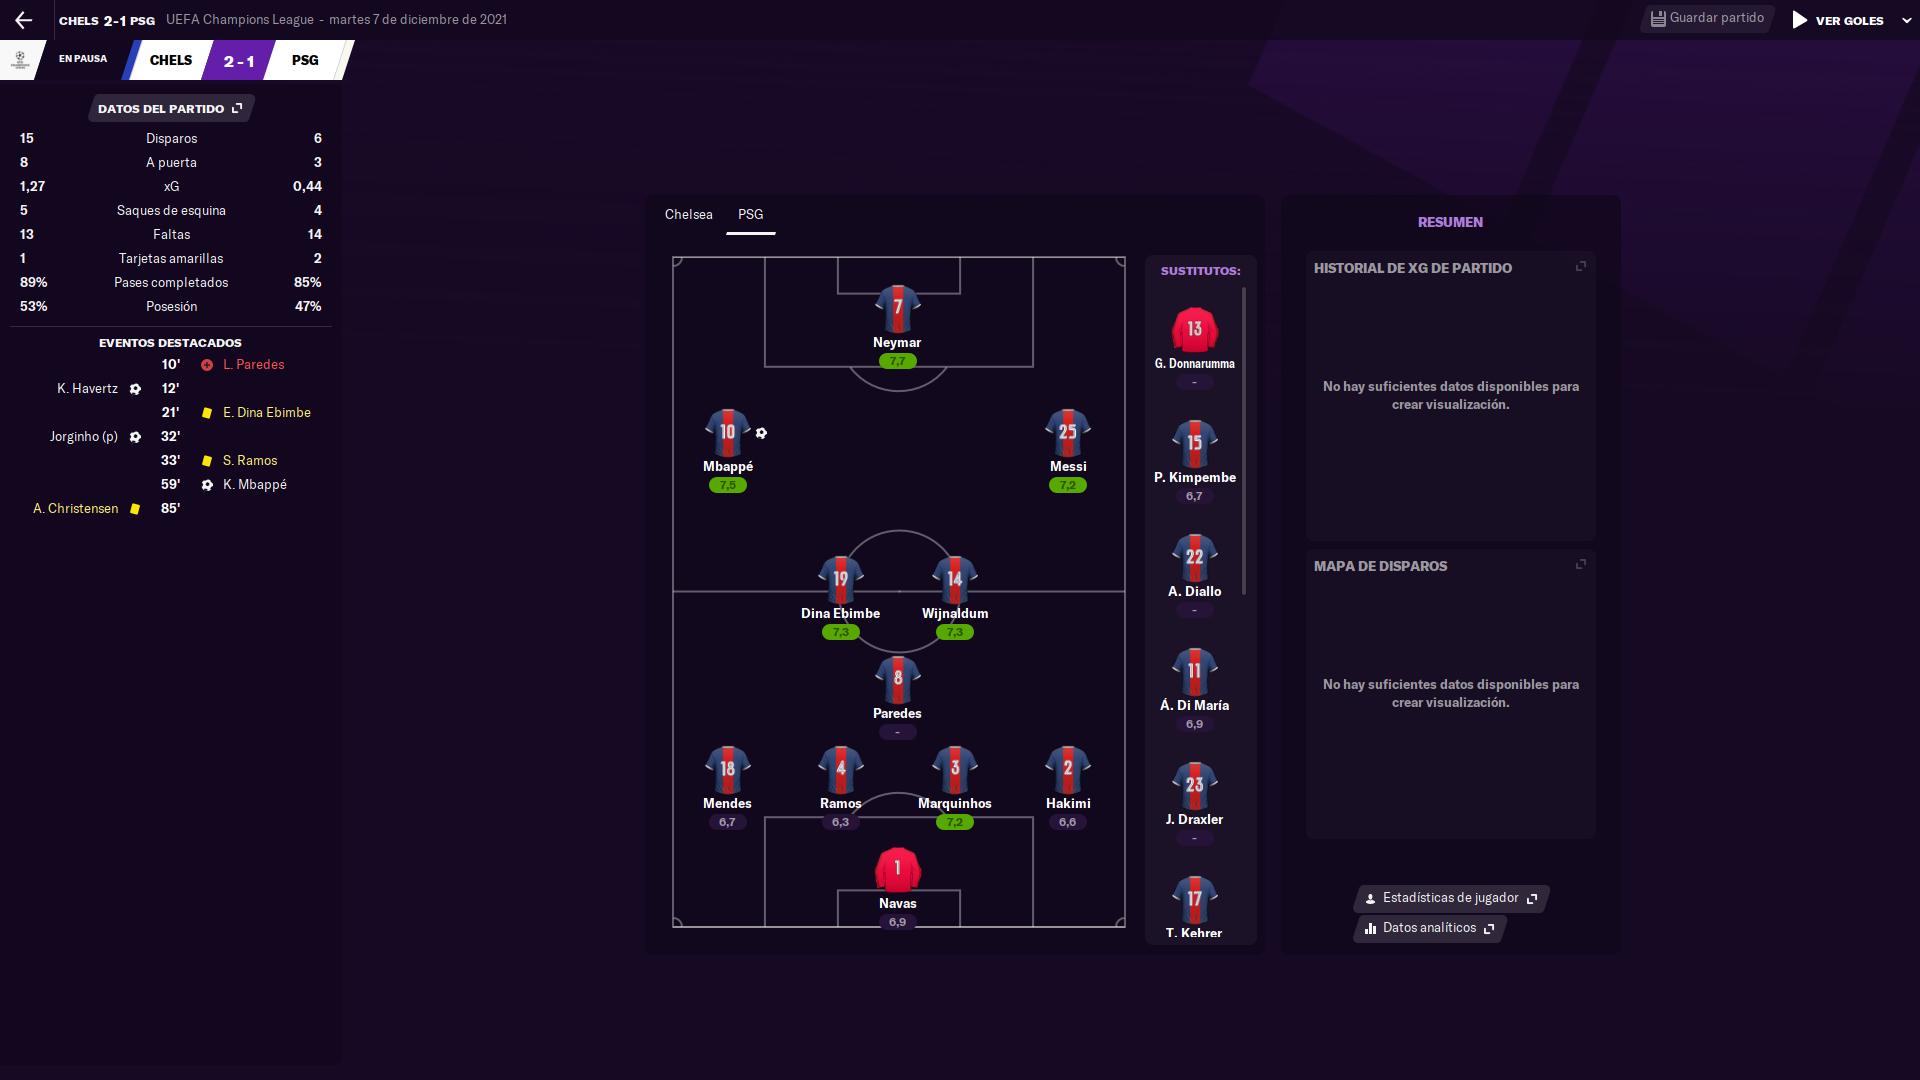 Chelsea-PSG-Resumen.png